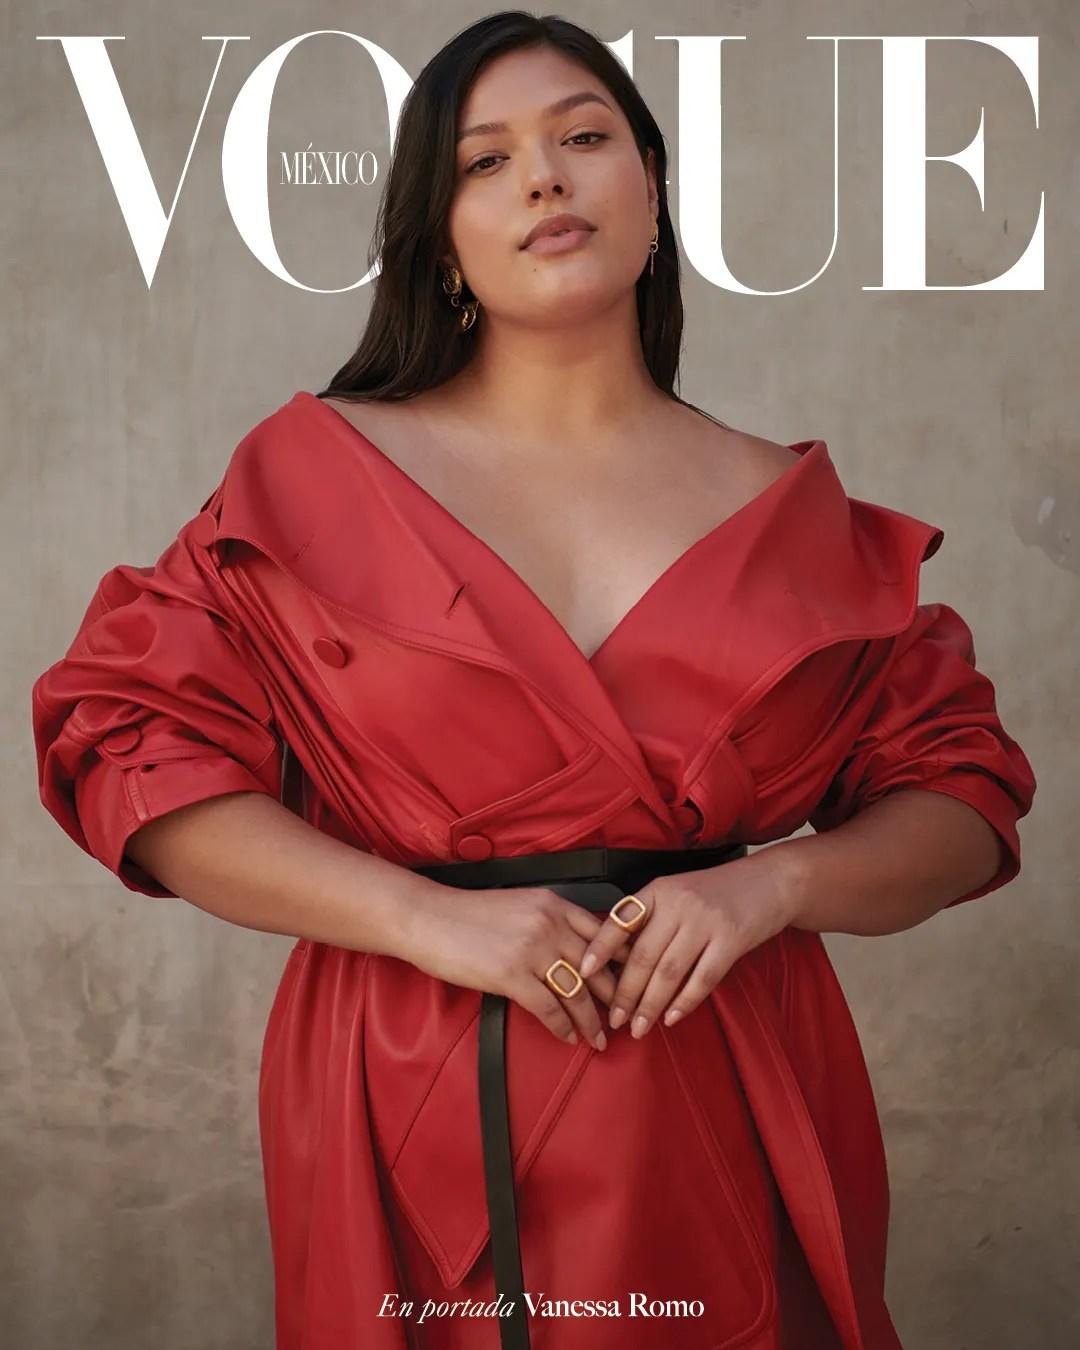 Vanessa Romo, la modelo de raíces mexicanas que rompe con los estereotipos  | Vogue México y Latinoamérica